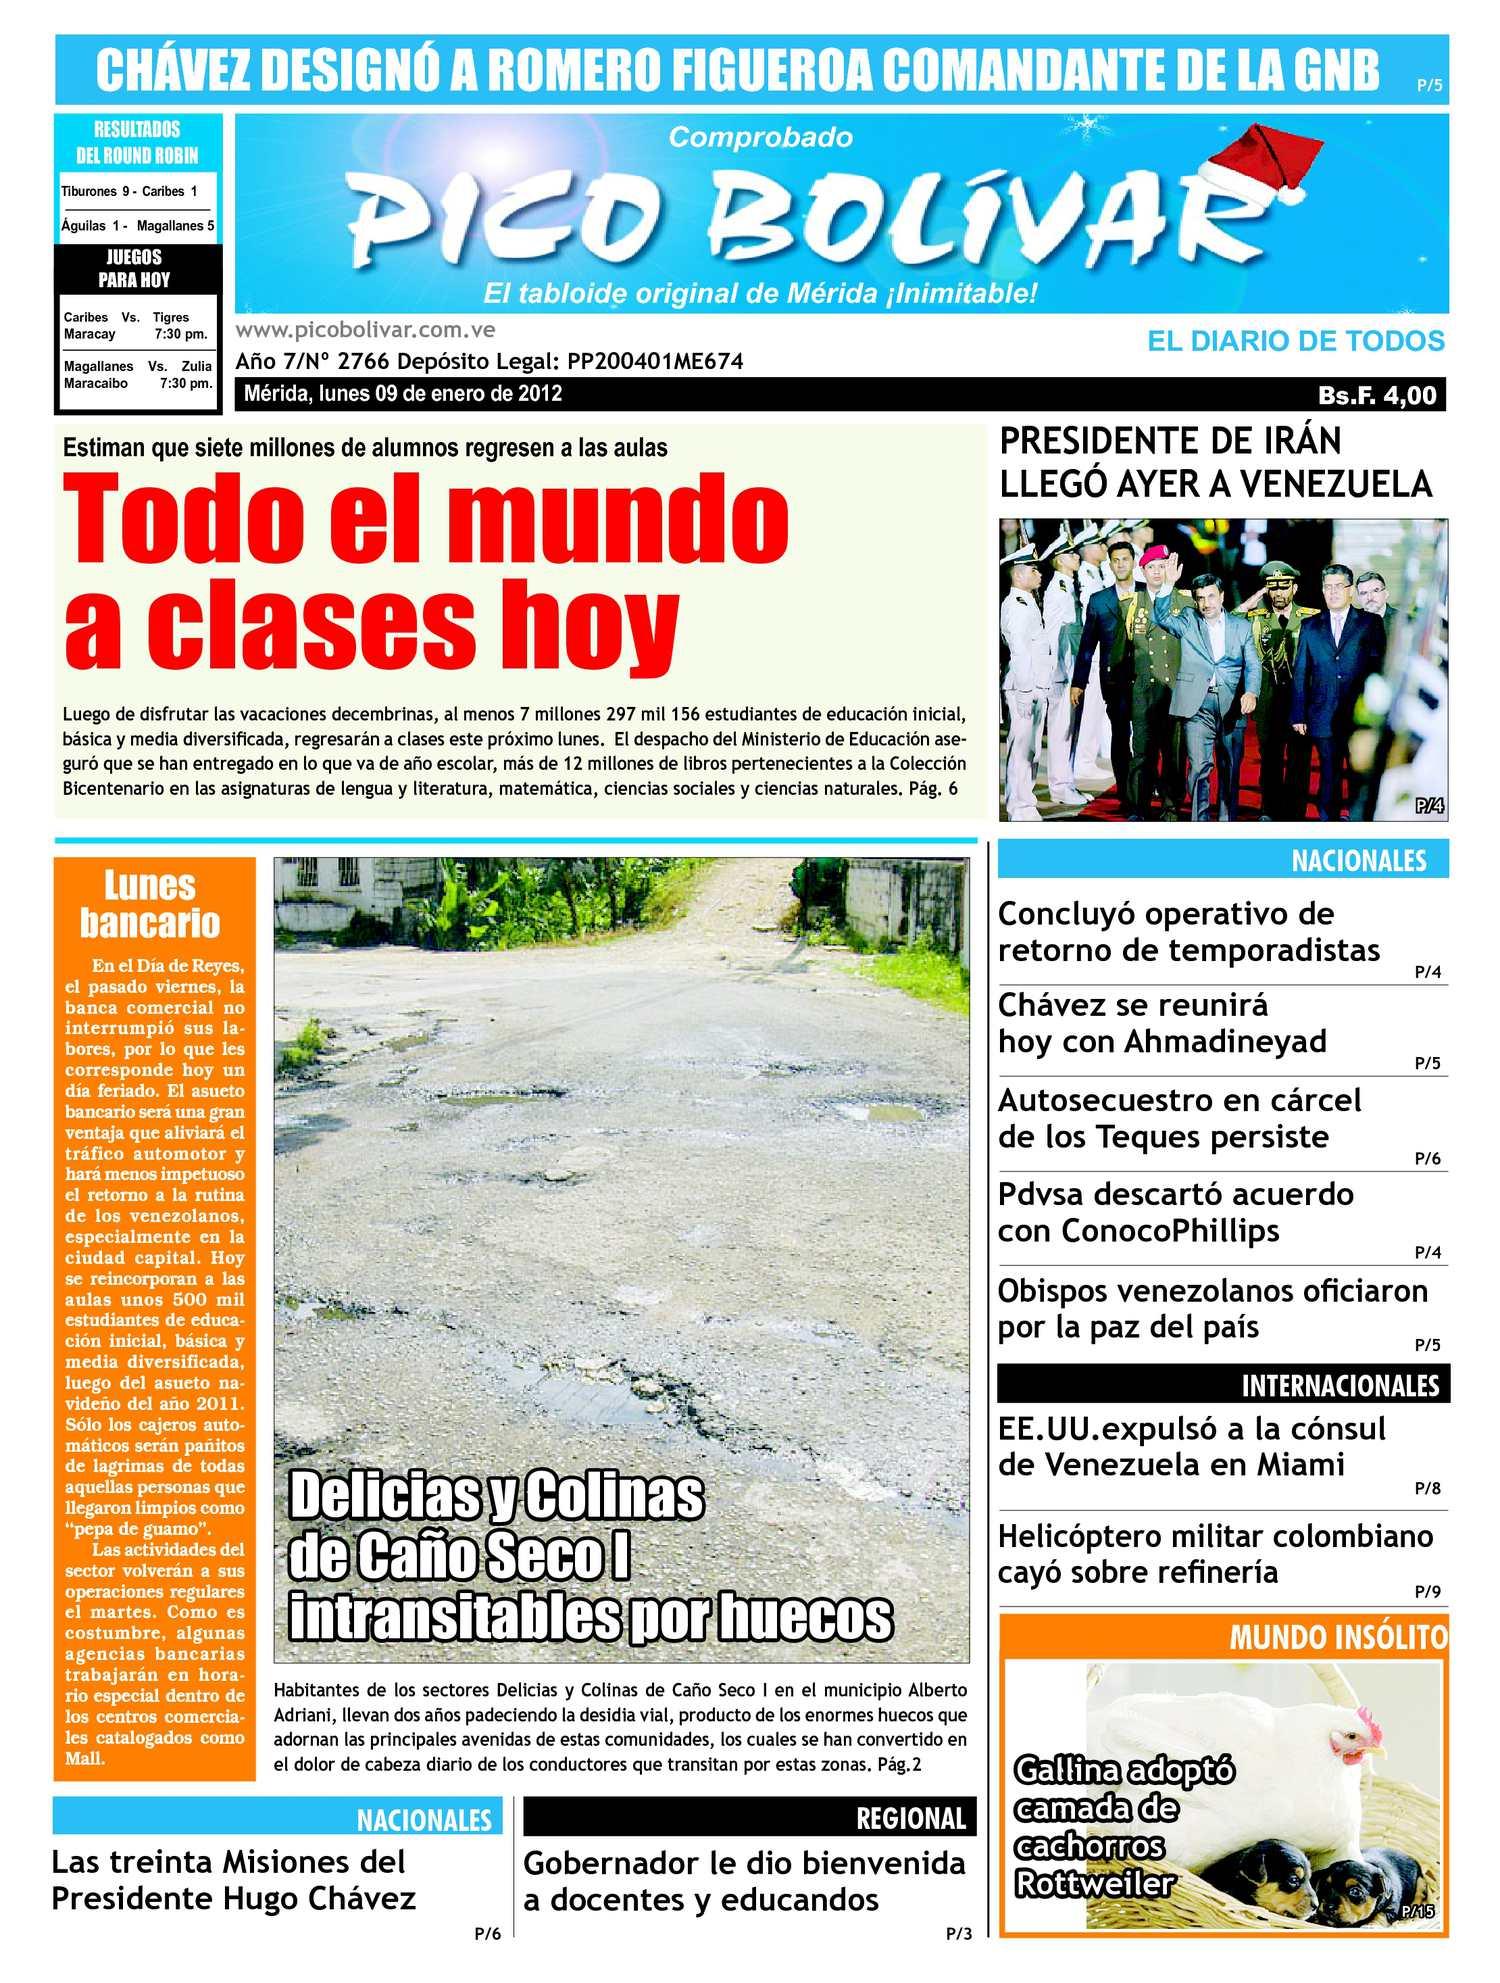 Calaméo - 09-01-2012